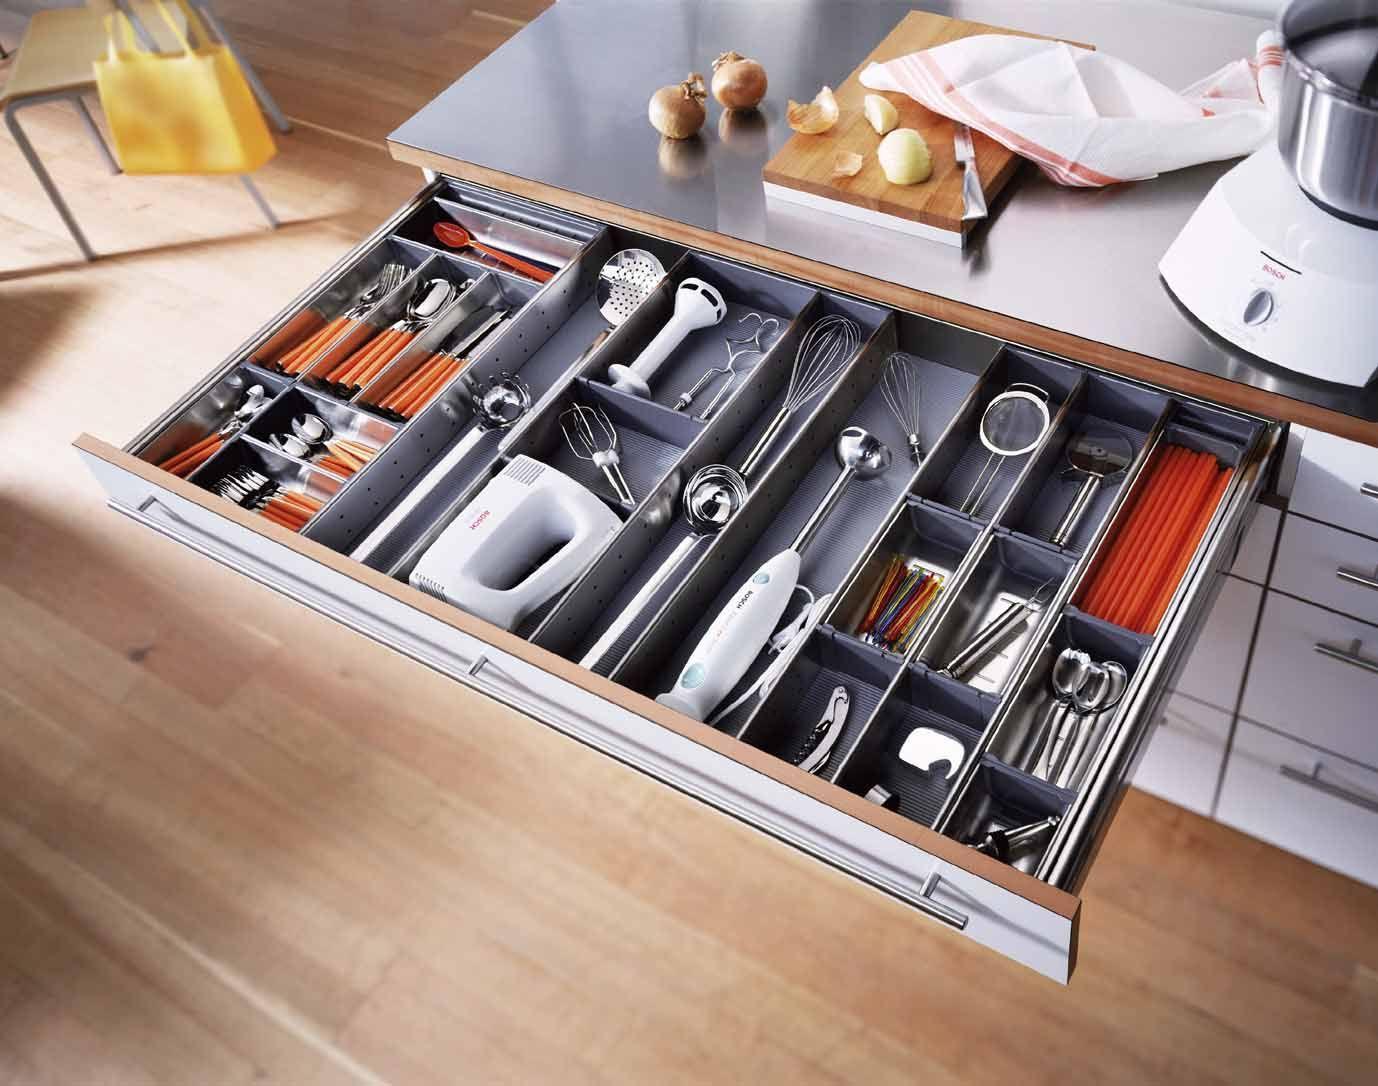 Kitchen Drawer Storage Ideas Part - 27: Storage Ideas